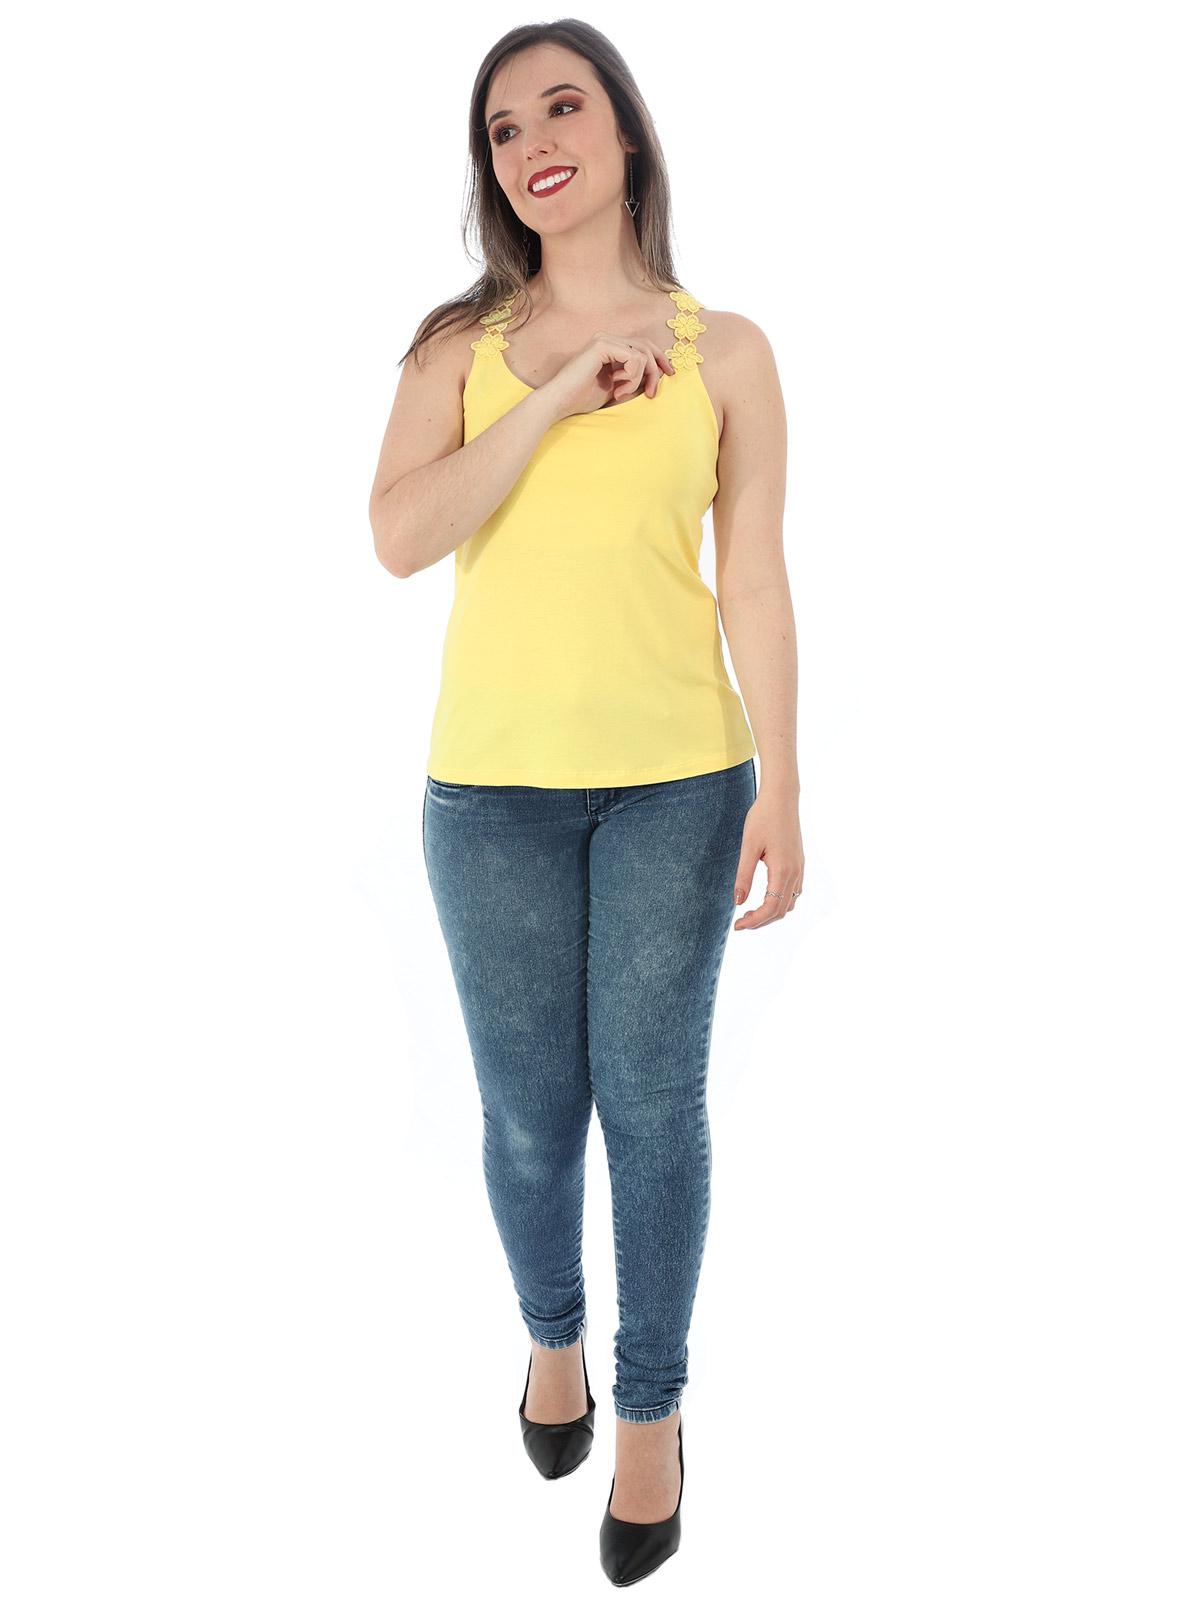 Regata Feminina com Decote Alça em Renda Guipir Amarelo